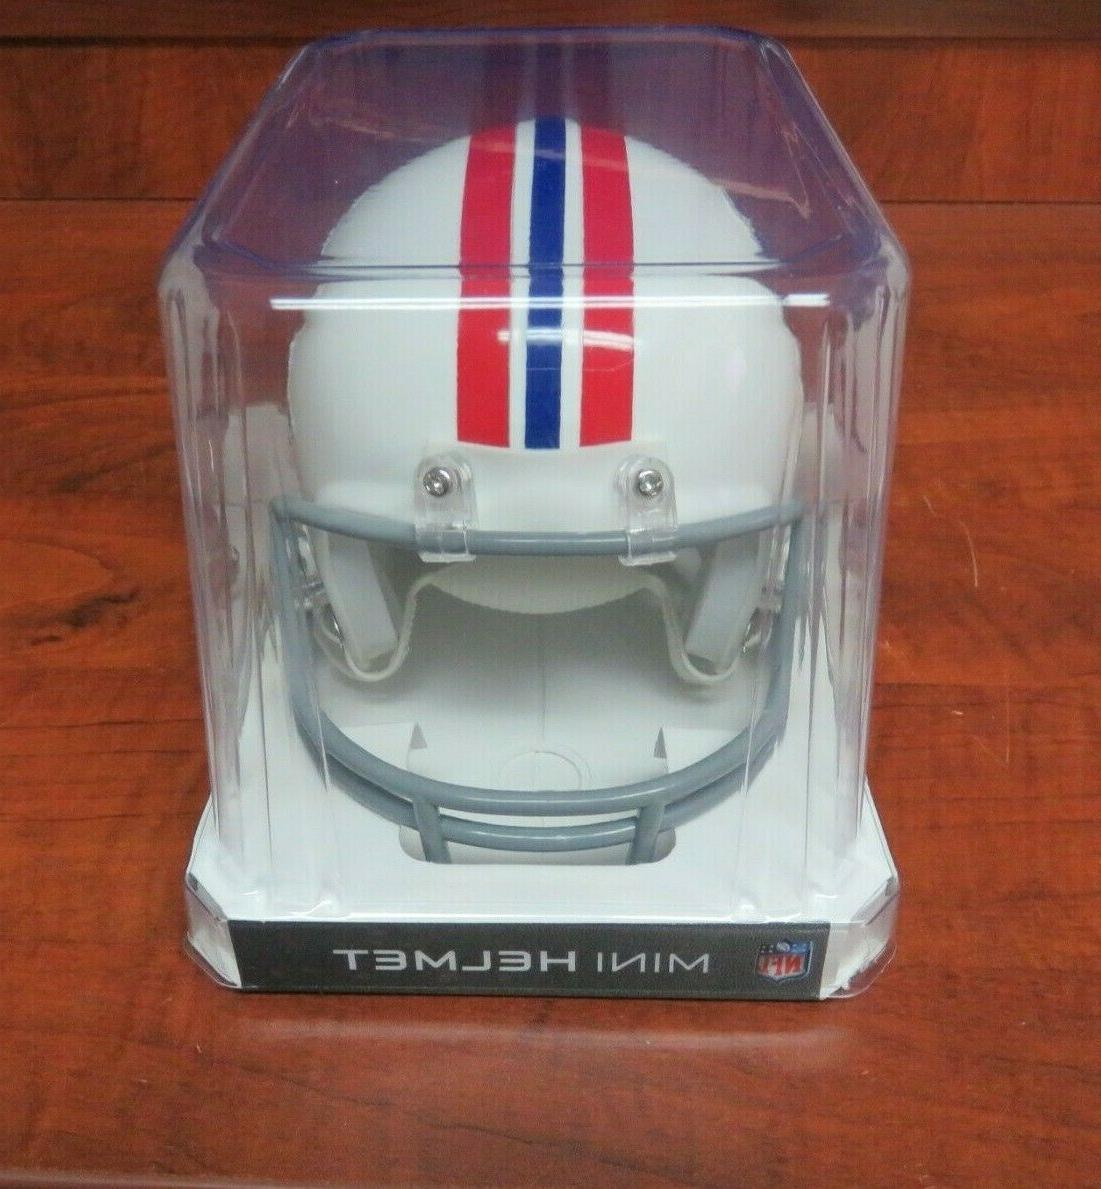 NEW NFL ENGLAND PATRIOTS Riddell Helmet